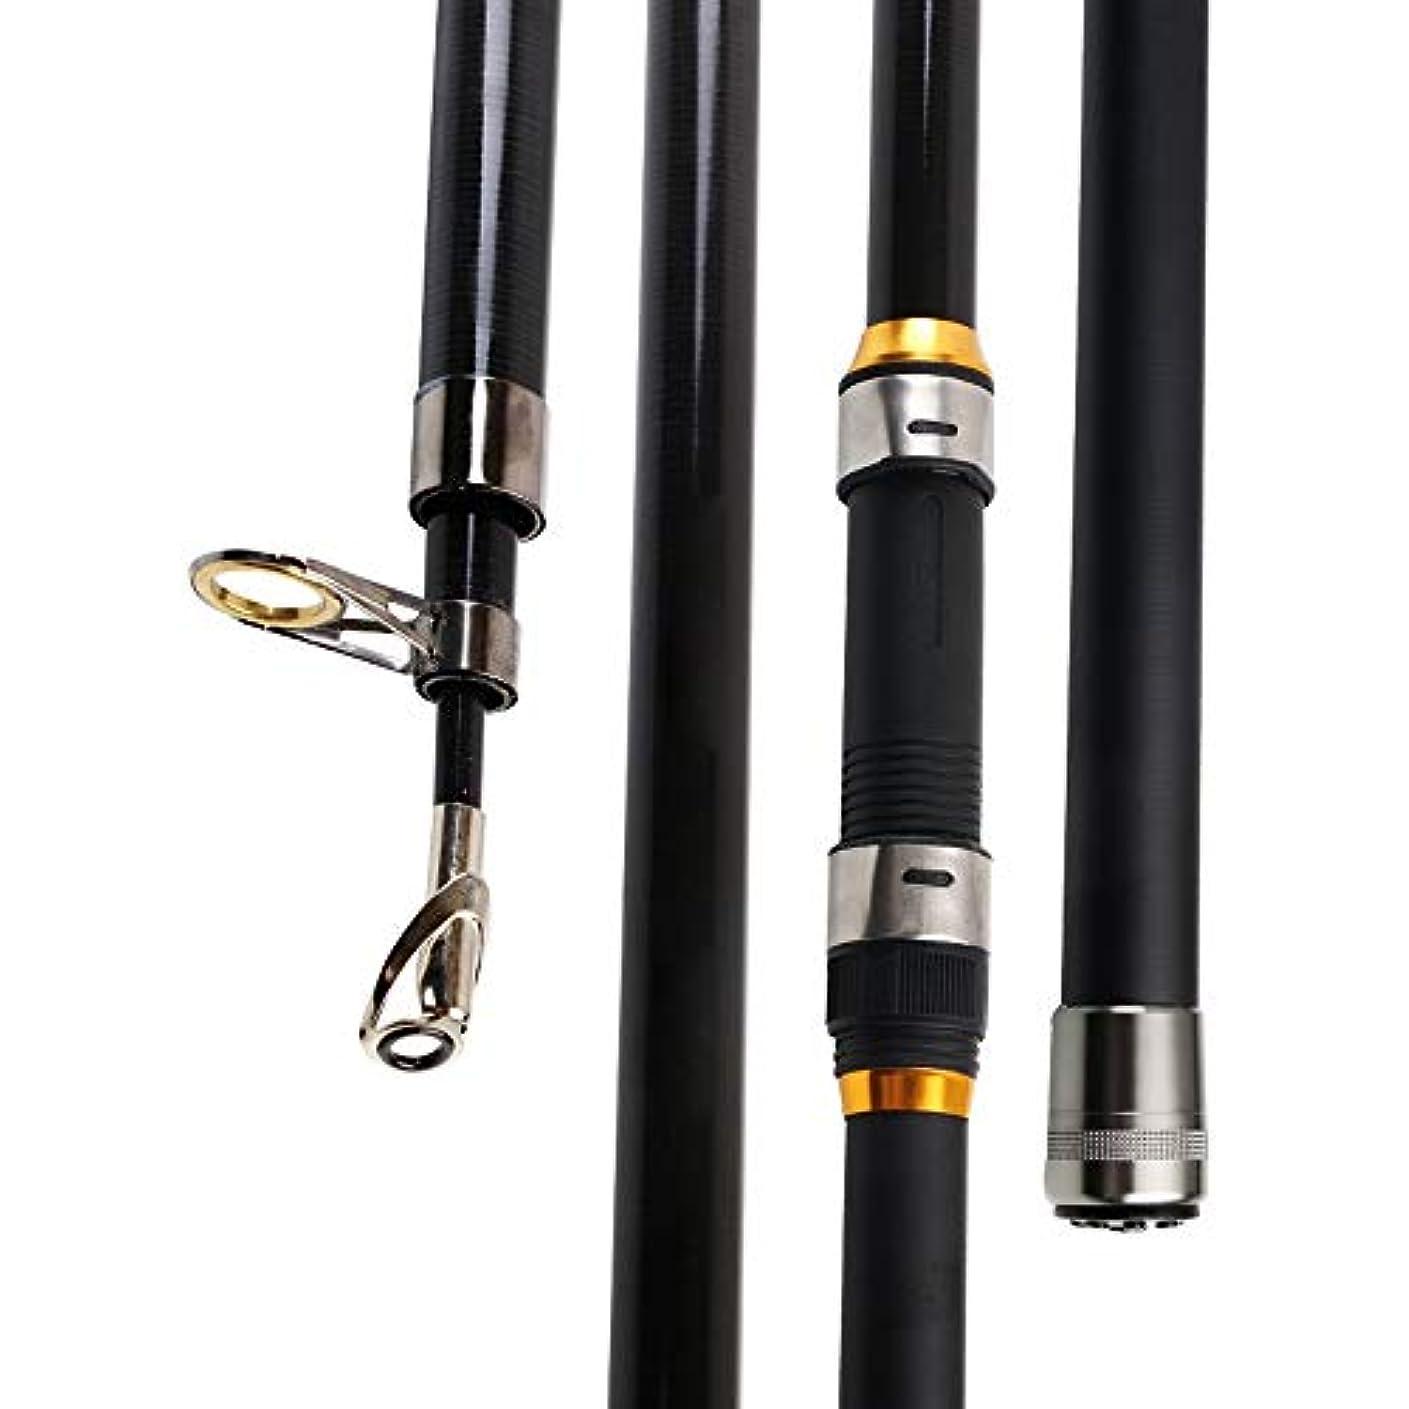 キャンベラ国勢調査横HYBJP 釣り竿 釣りロッド 携帯型 伸縮ロッド 初心者 コンパクト 釣り具 フィッシングロッド アウトドア (Color : ブラック, Size : 2.7)